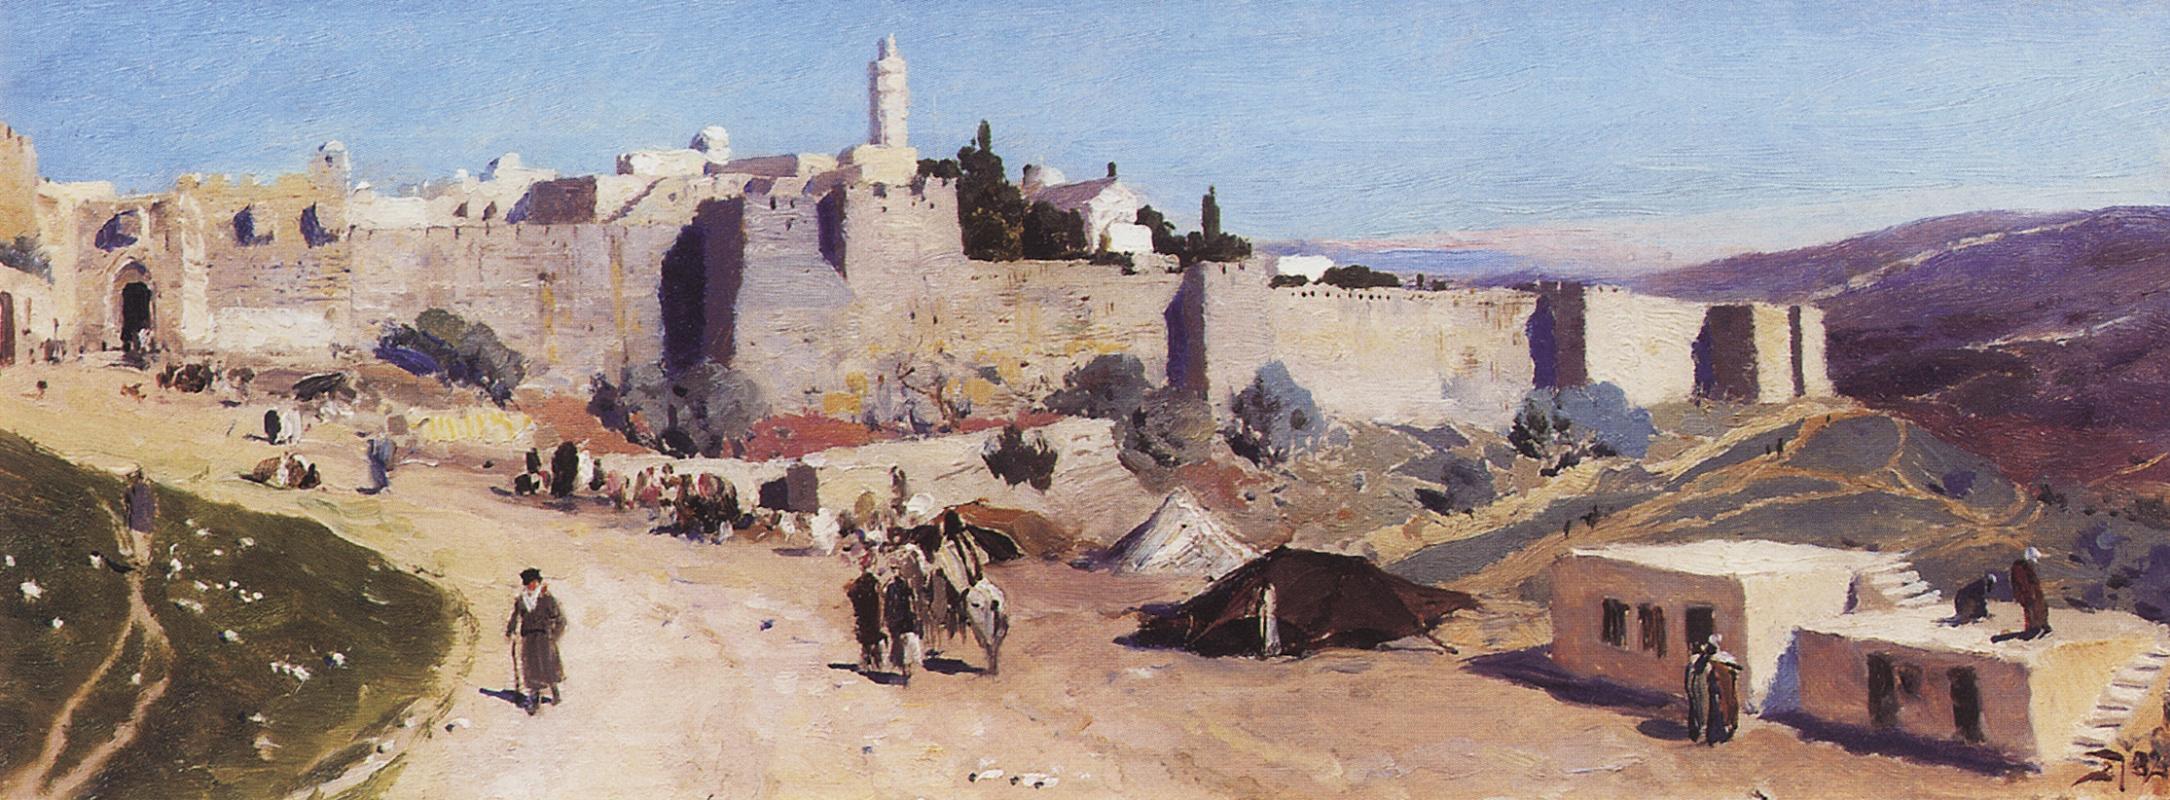 Василий Дмитриевич Поленов. Иерусалим с западной стороны. Яффские ворота и цитадель